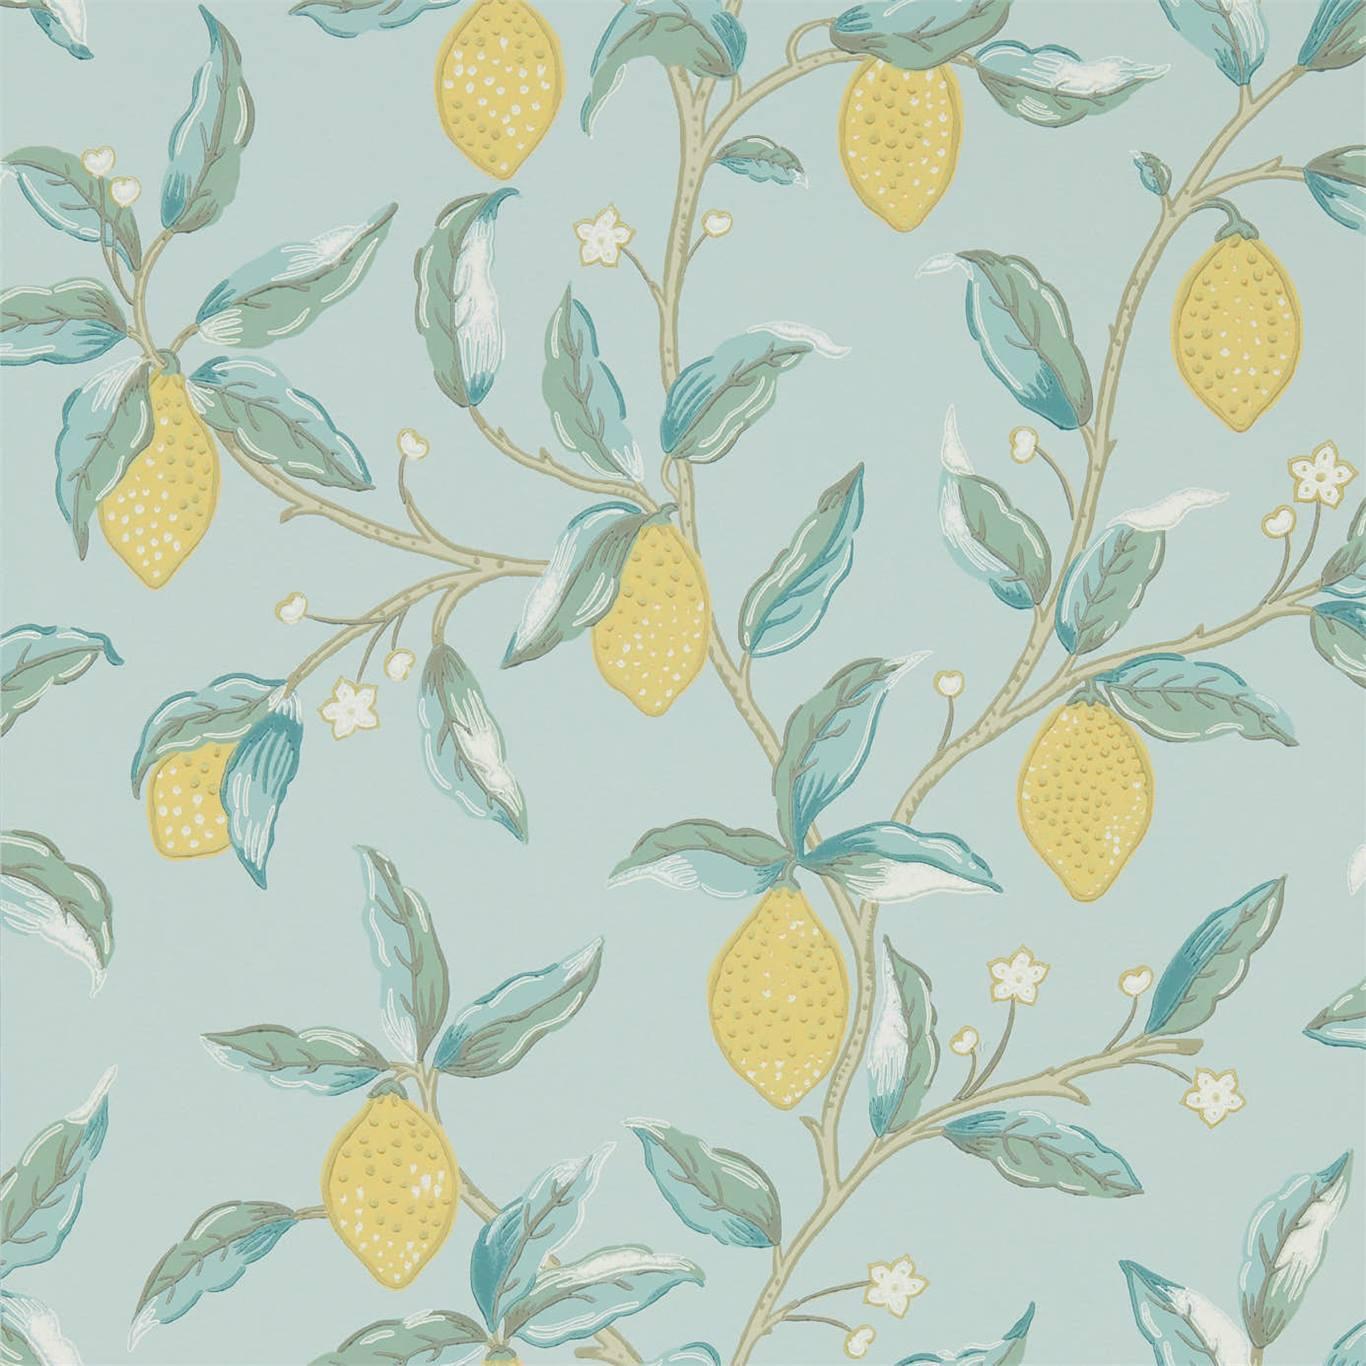 Lemon Tree by MOR